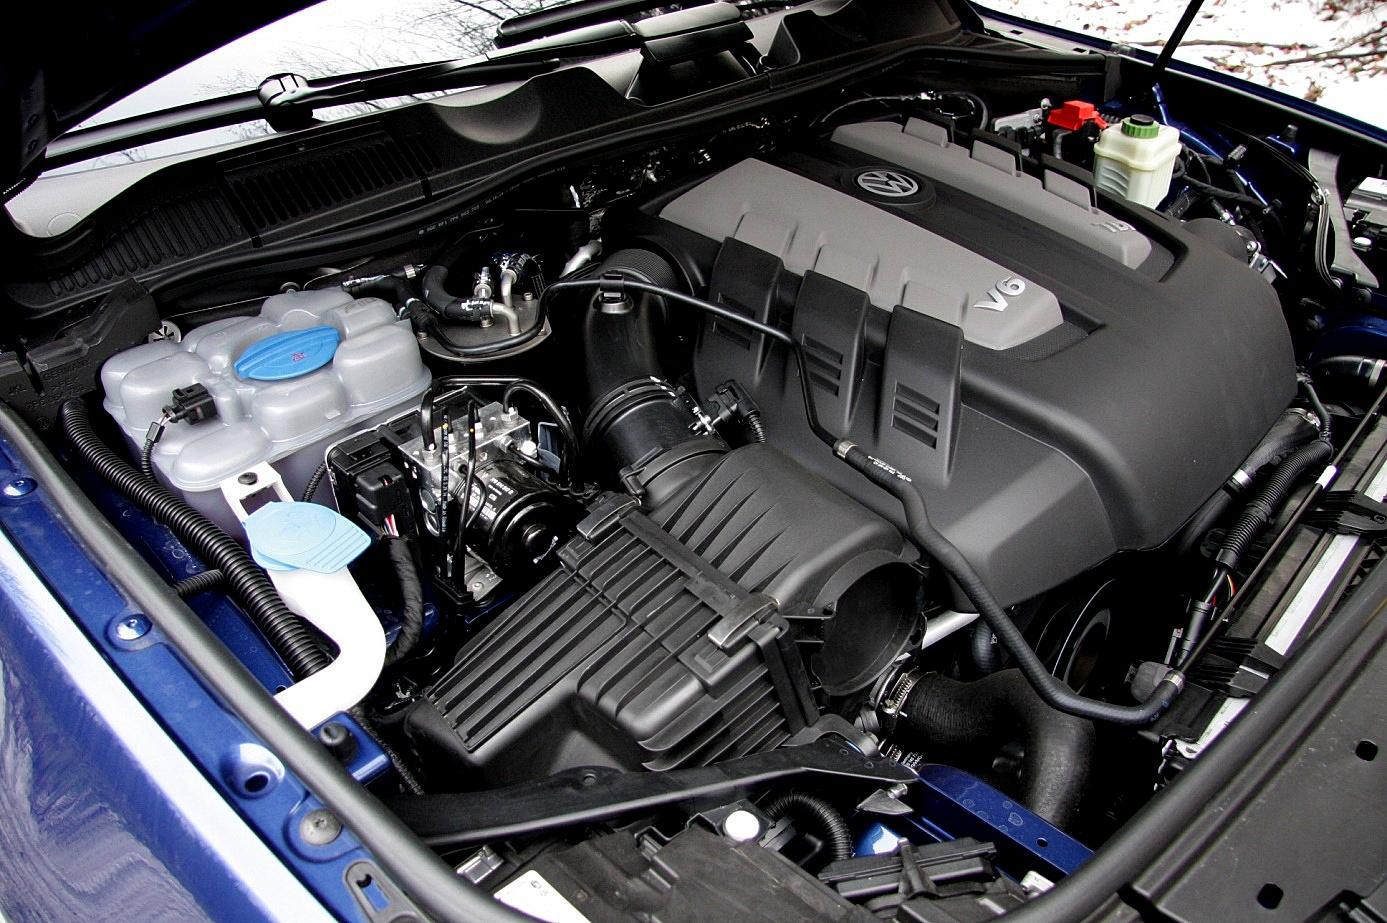 V6 TDI z racji nowoczesnej konstrukcji i wysokich standardów ekologicznych wymaga oleju Low SAPS.